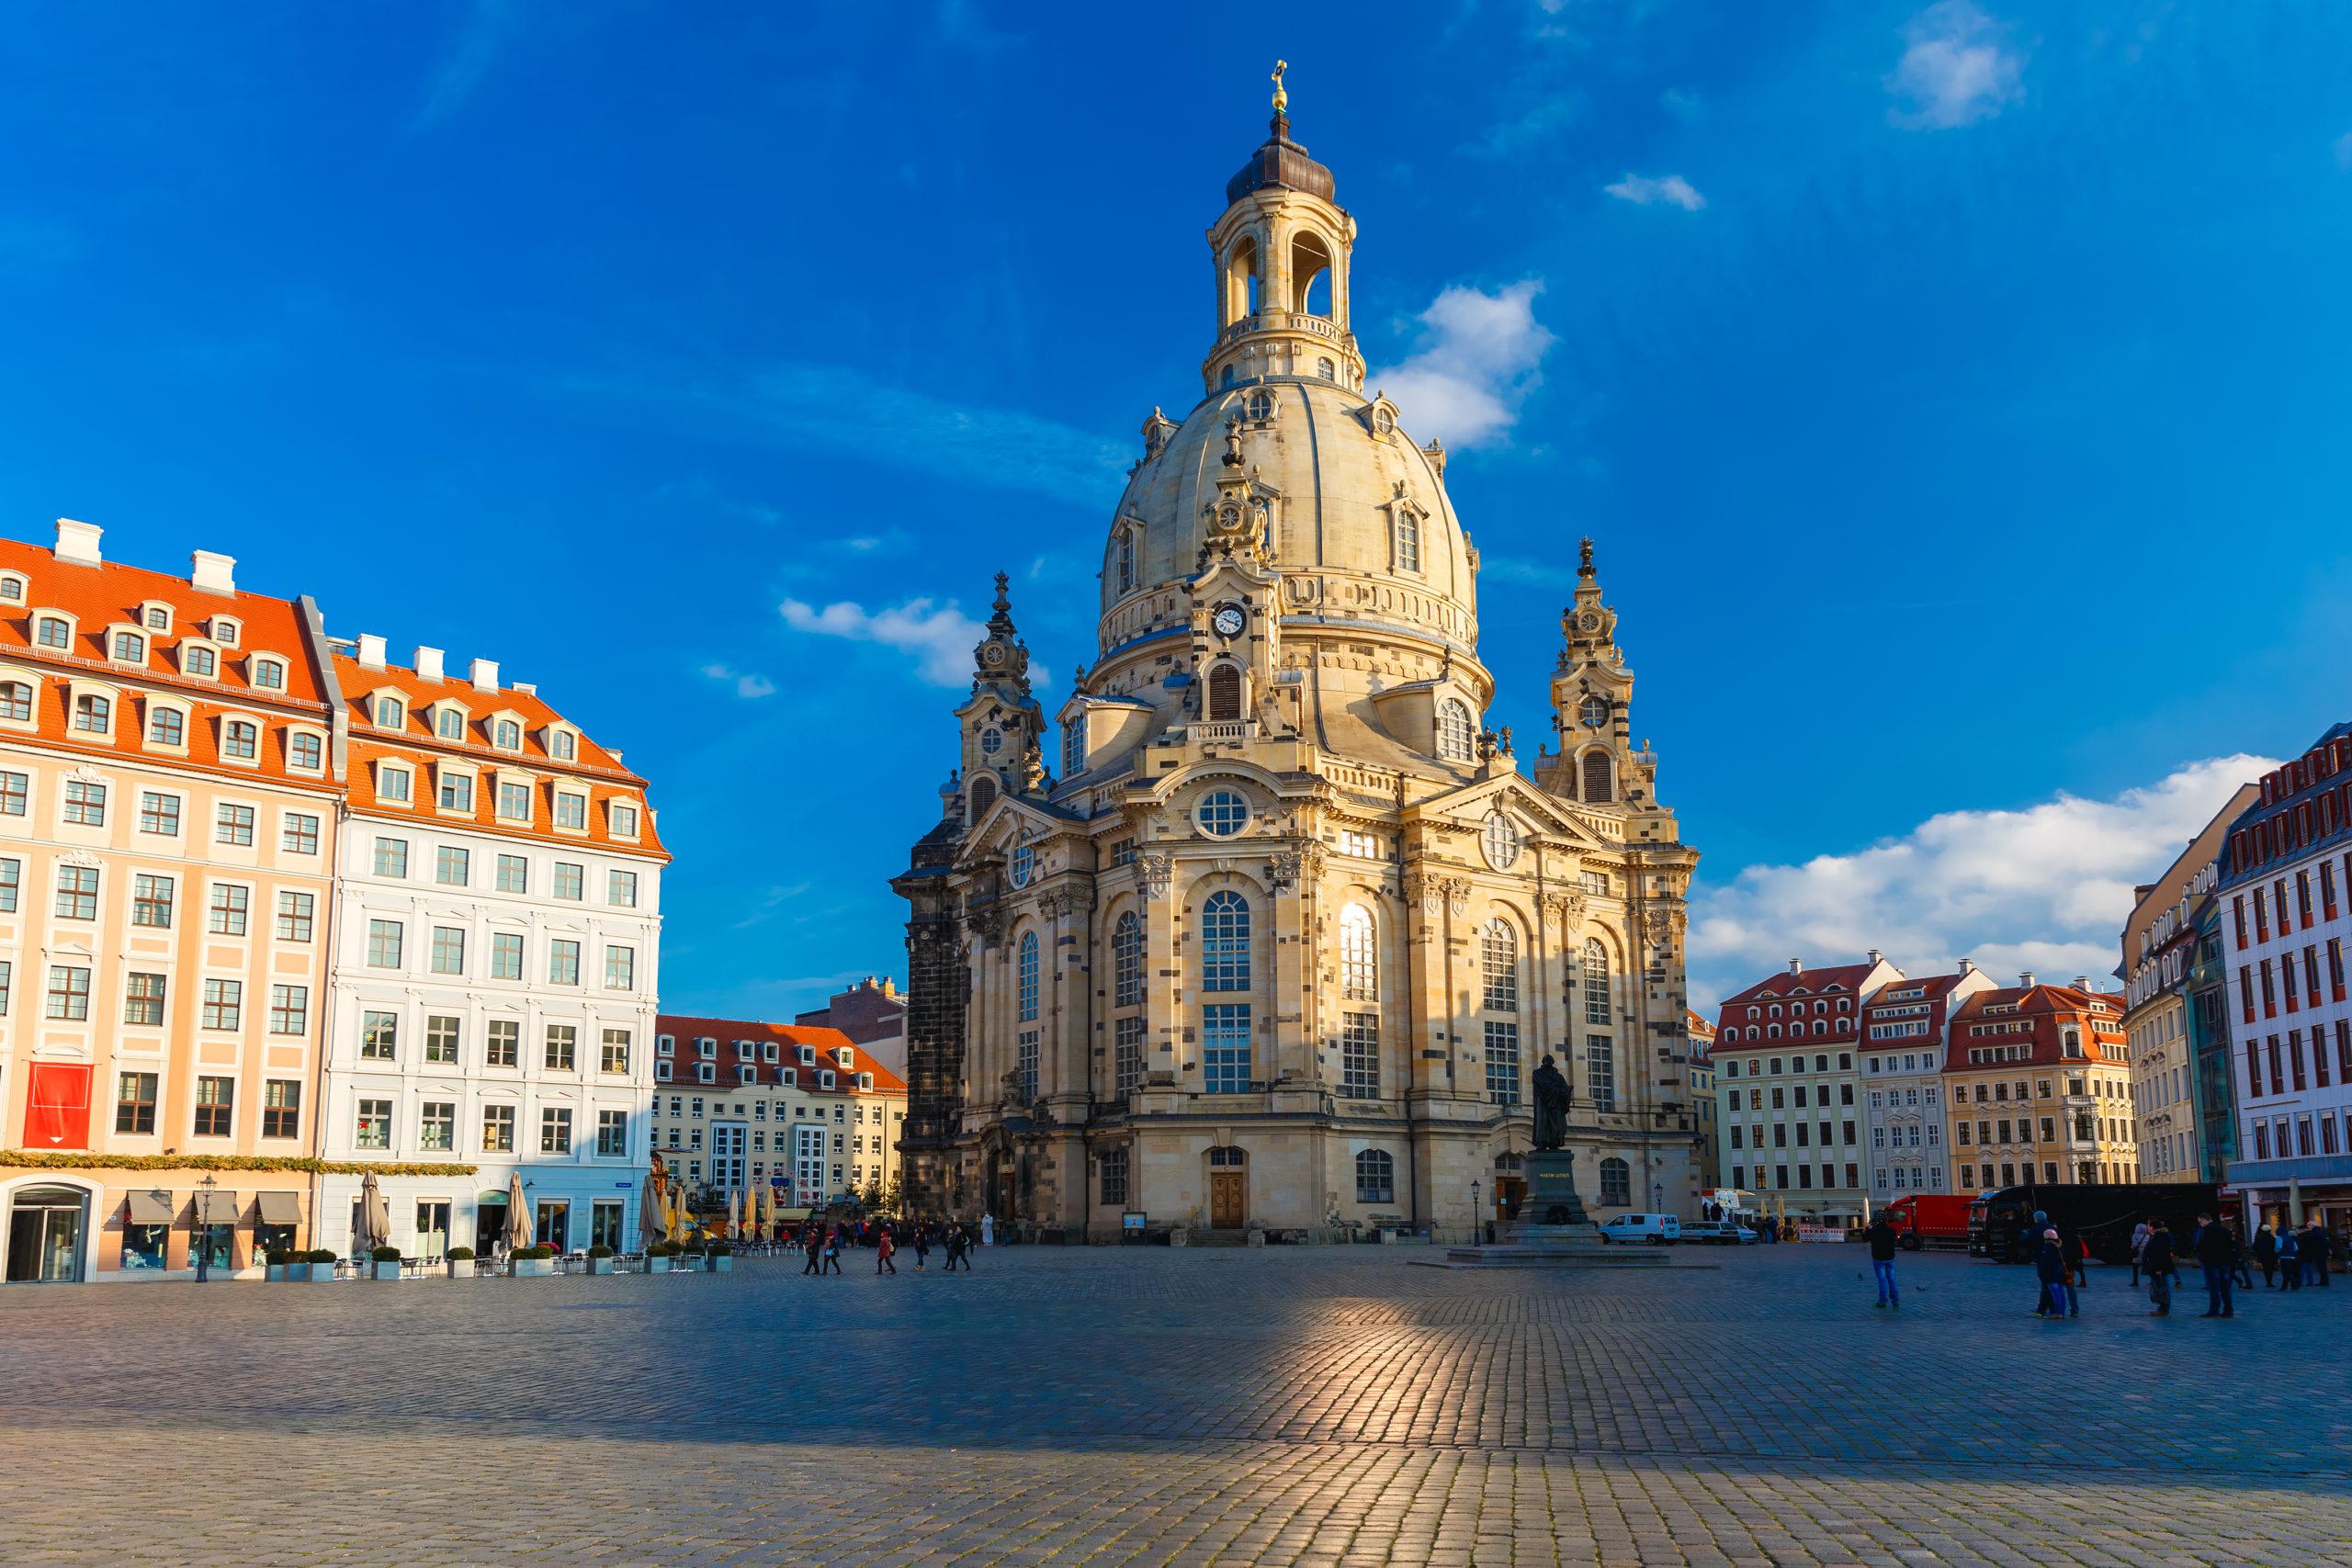 Foto von der Frauenkirche in Dresden